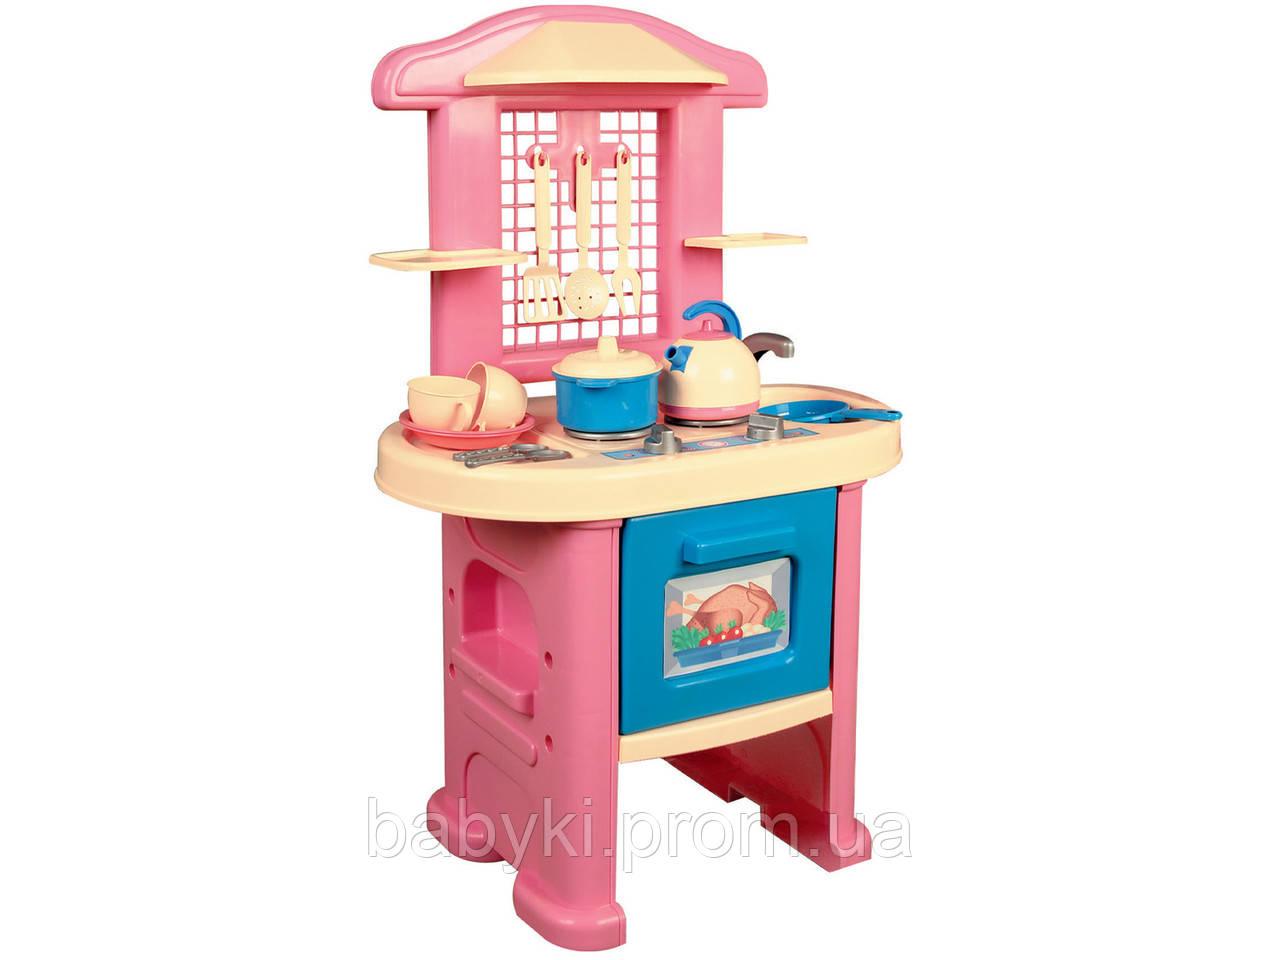 Игрушка Моя первая кухня, Технок